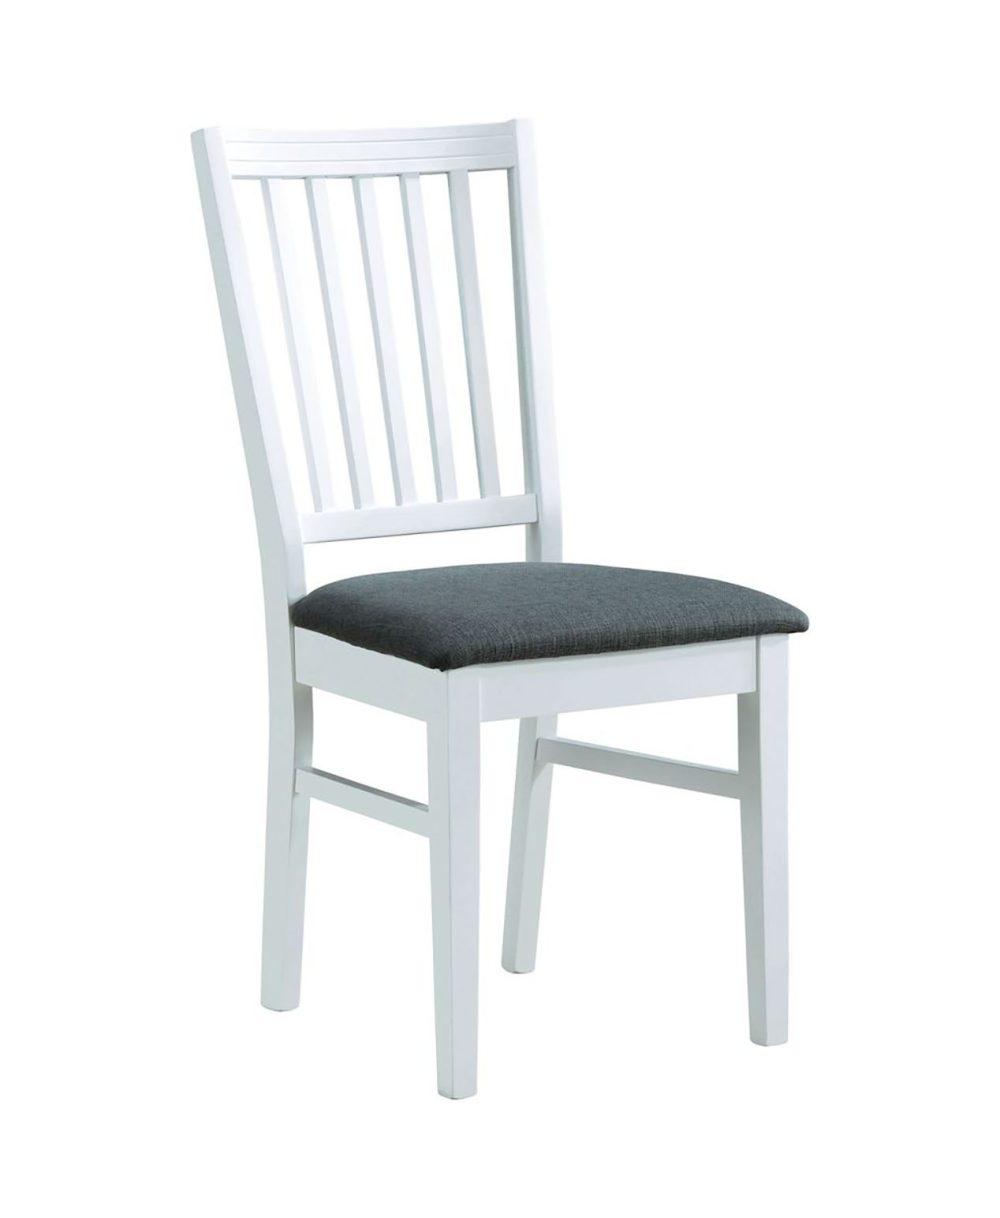 Wittskar chair